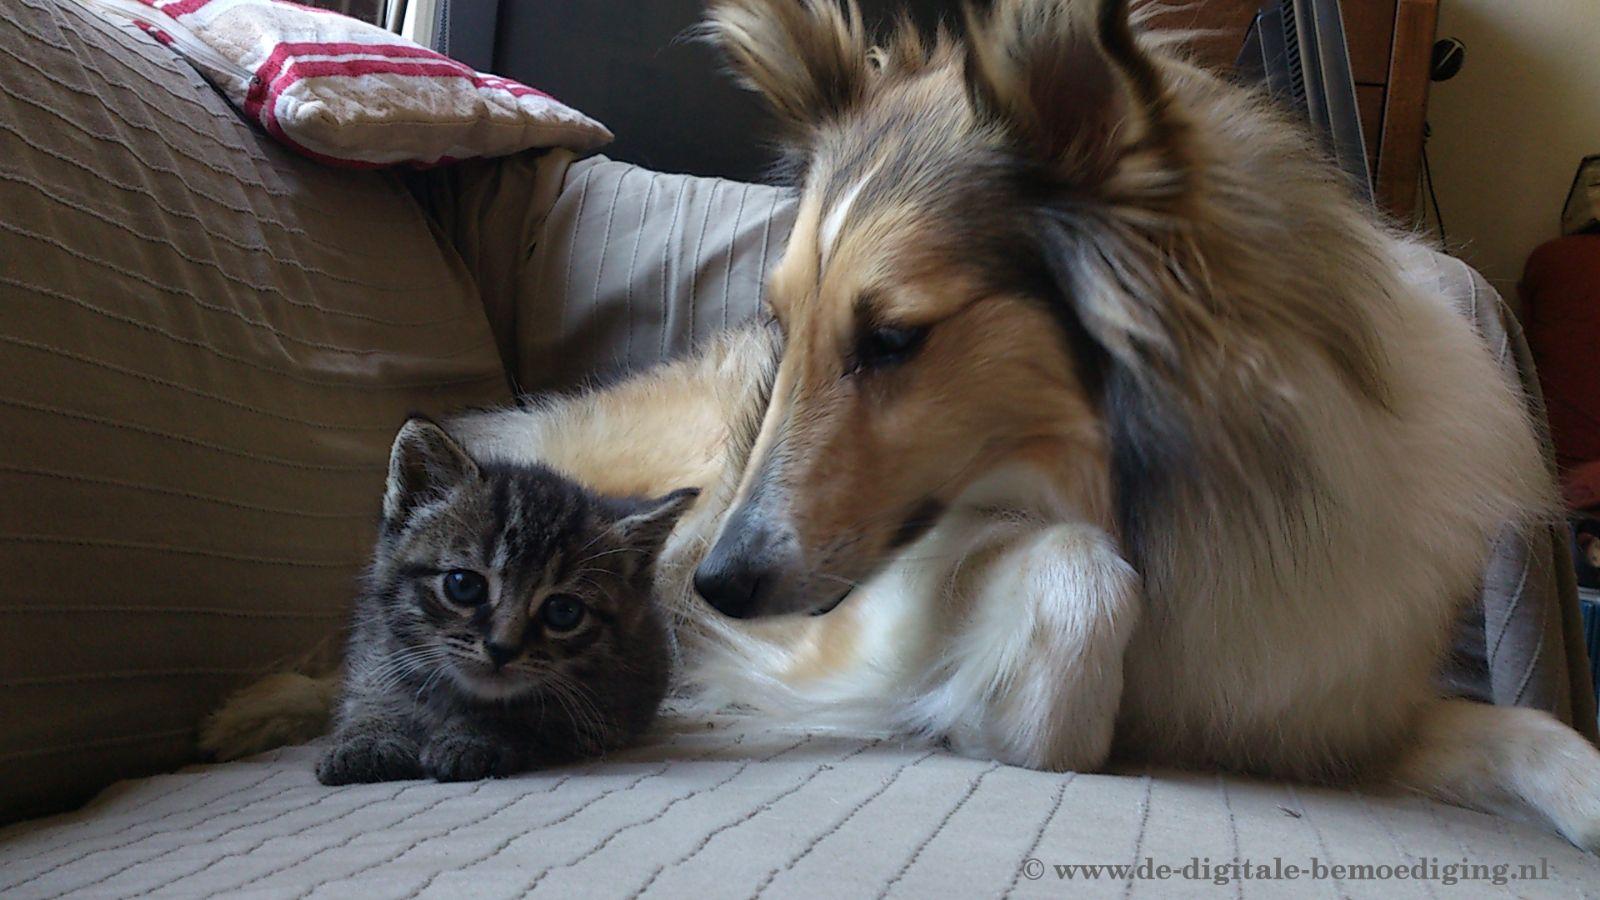 Tabby Kitten met Sheltie Hond